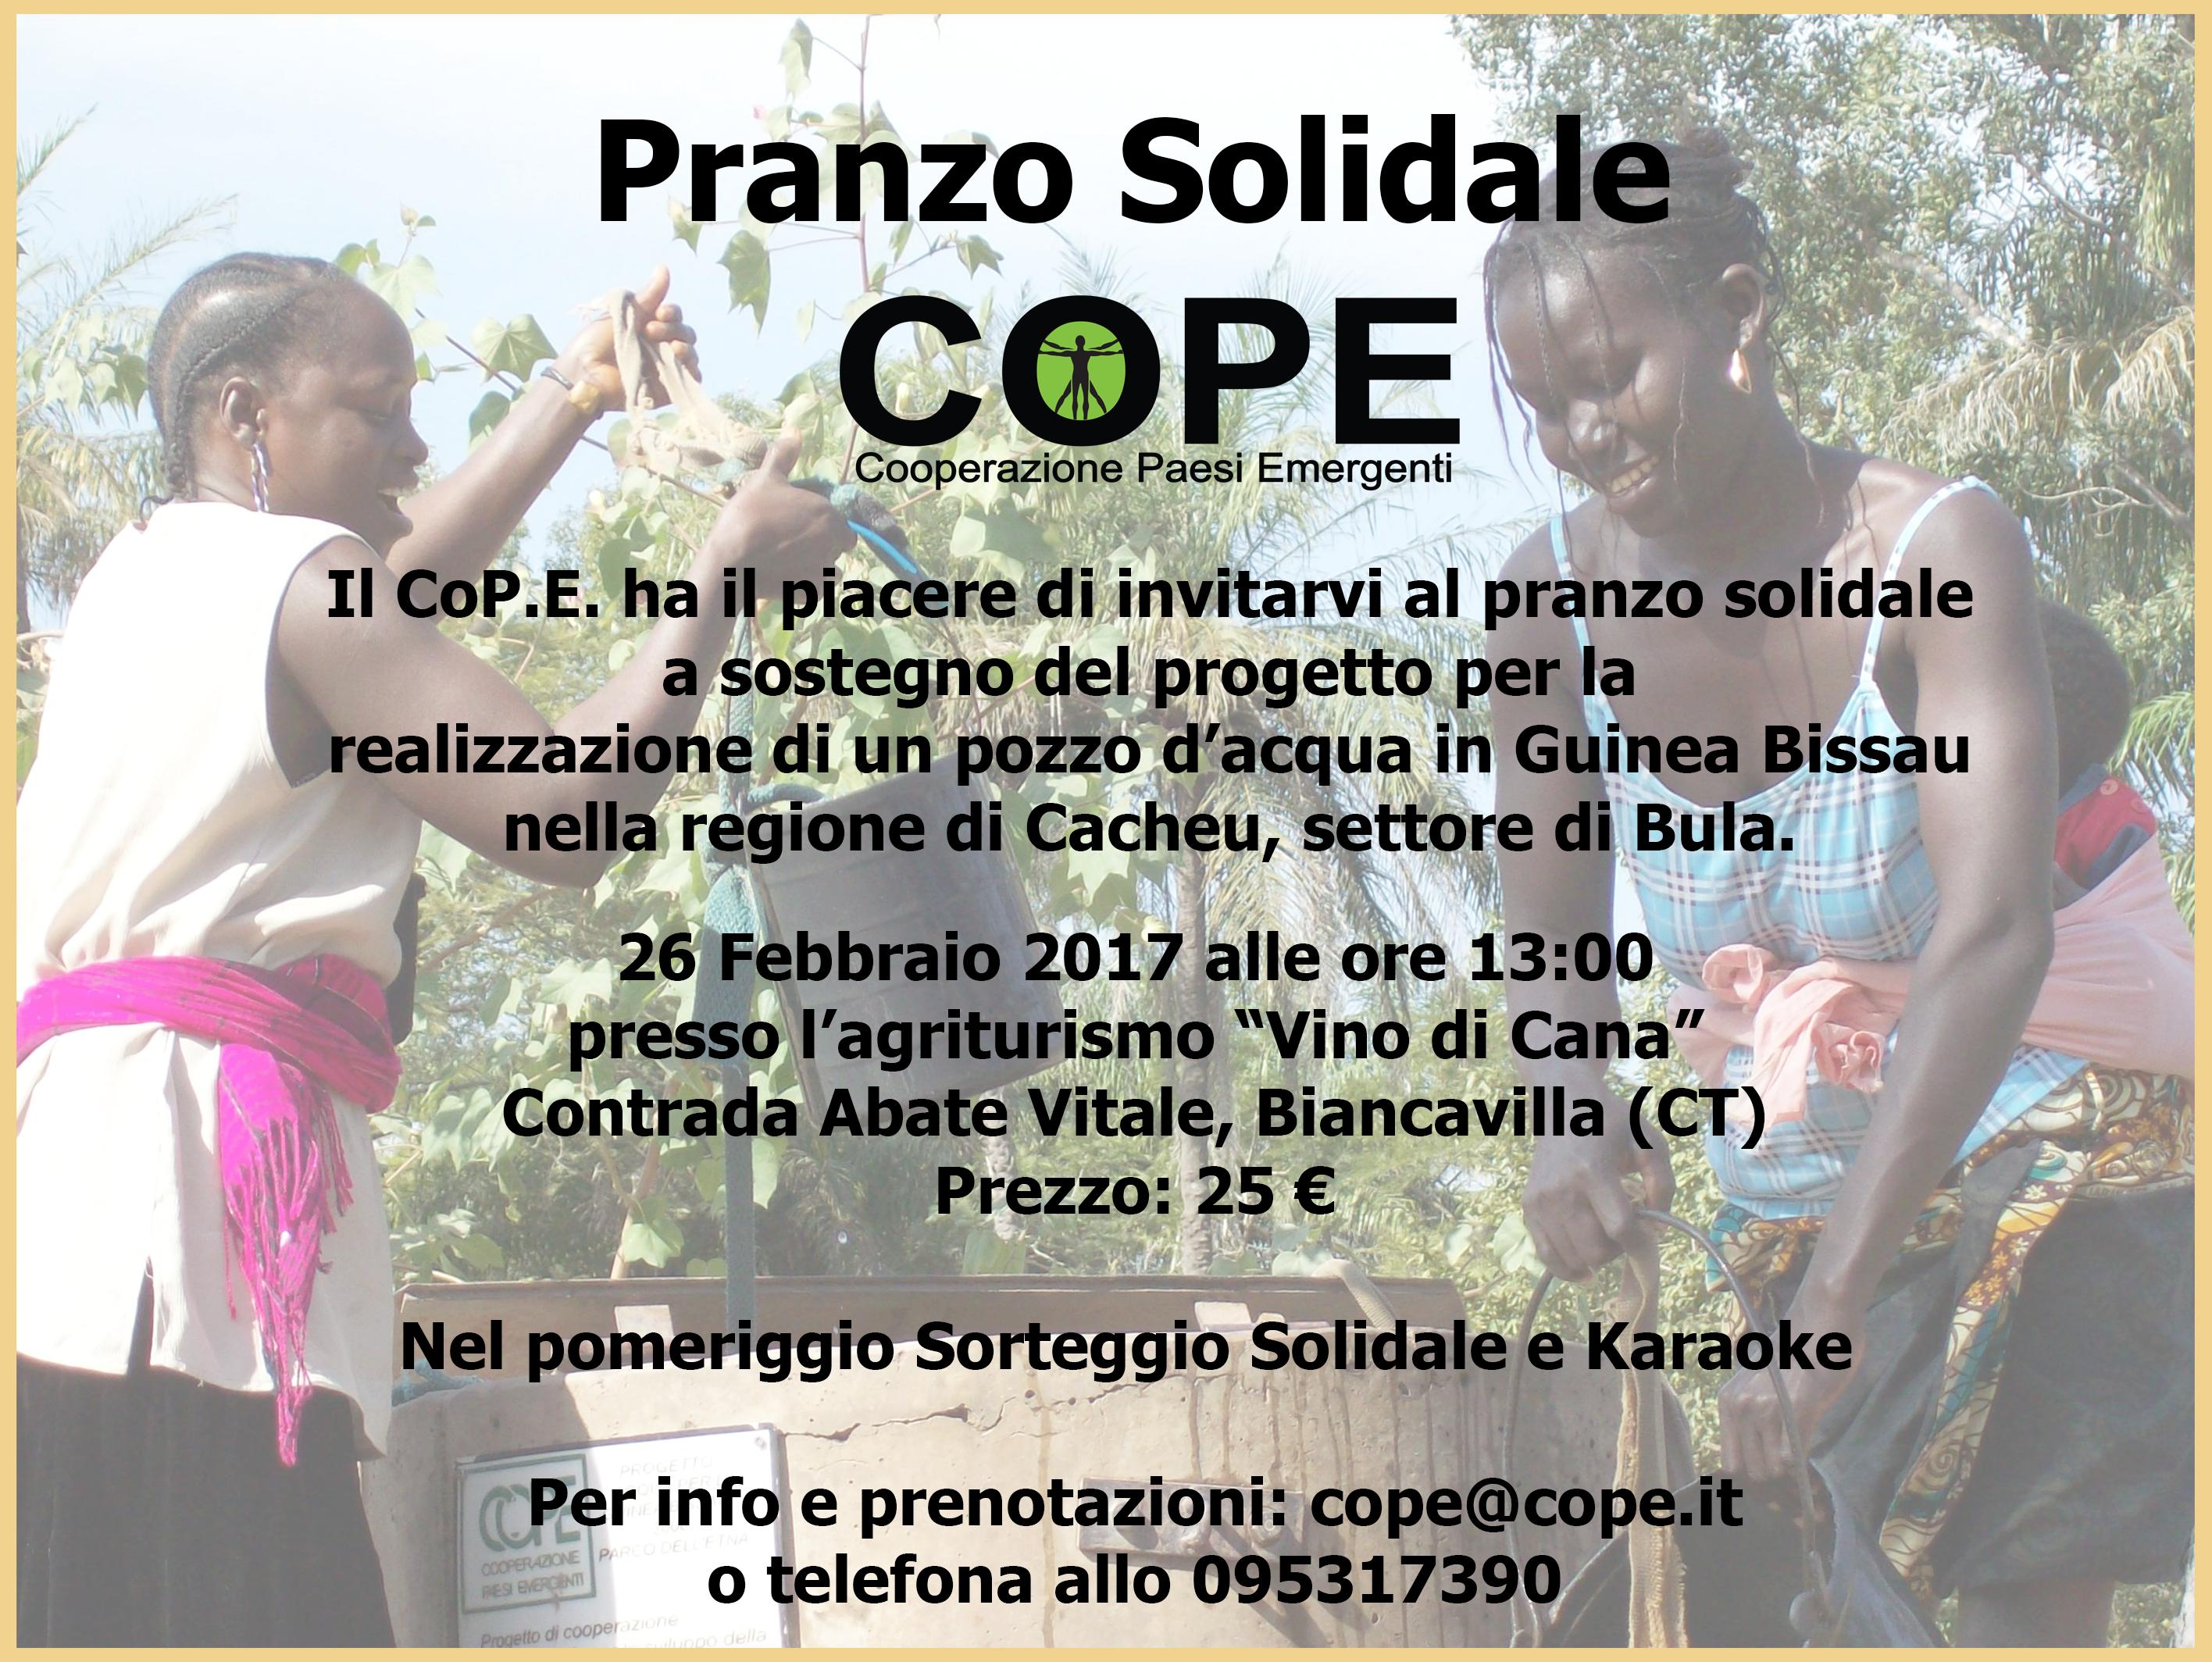 Pranzo Solidale Co.P.E. 26 Febbraio 2017